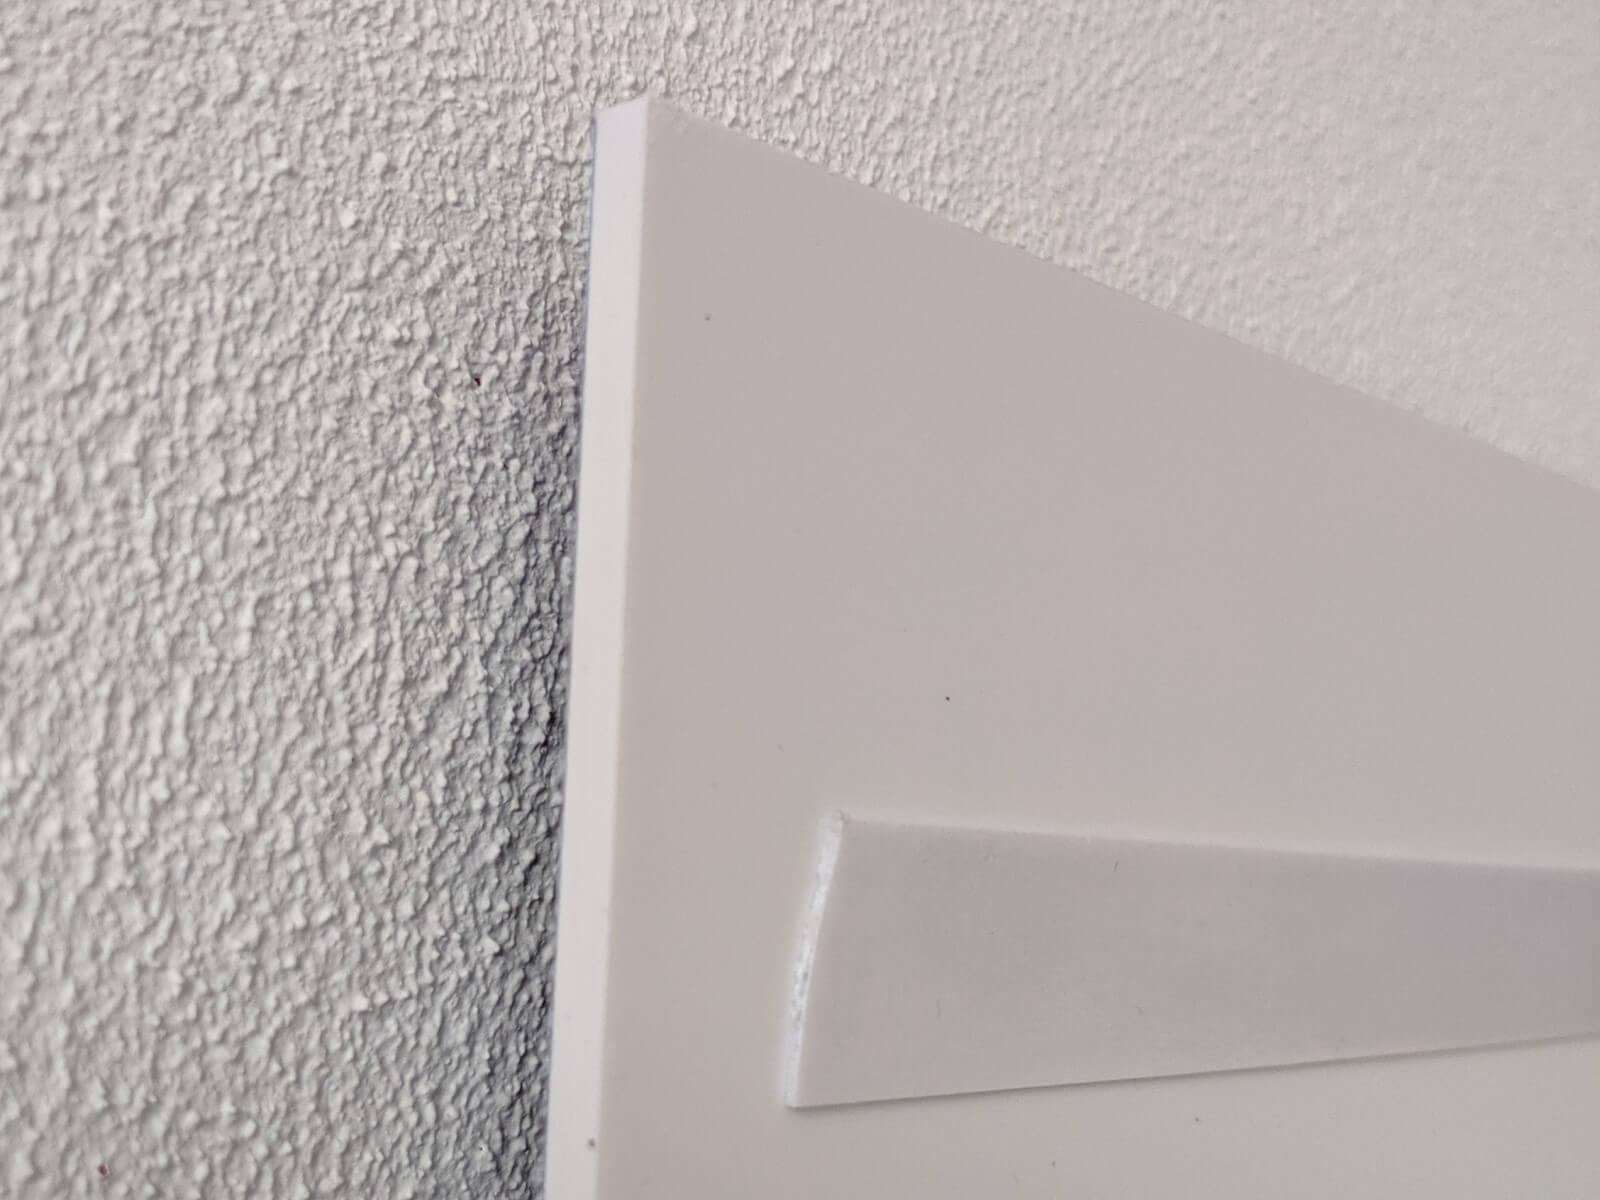 Uw forex kunstwerk kunt u eenvoudig ophangen aan uw muur. Dit gebeurt met een stevige plakstrip.